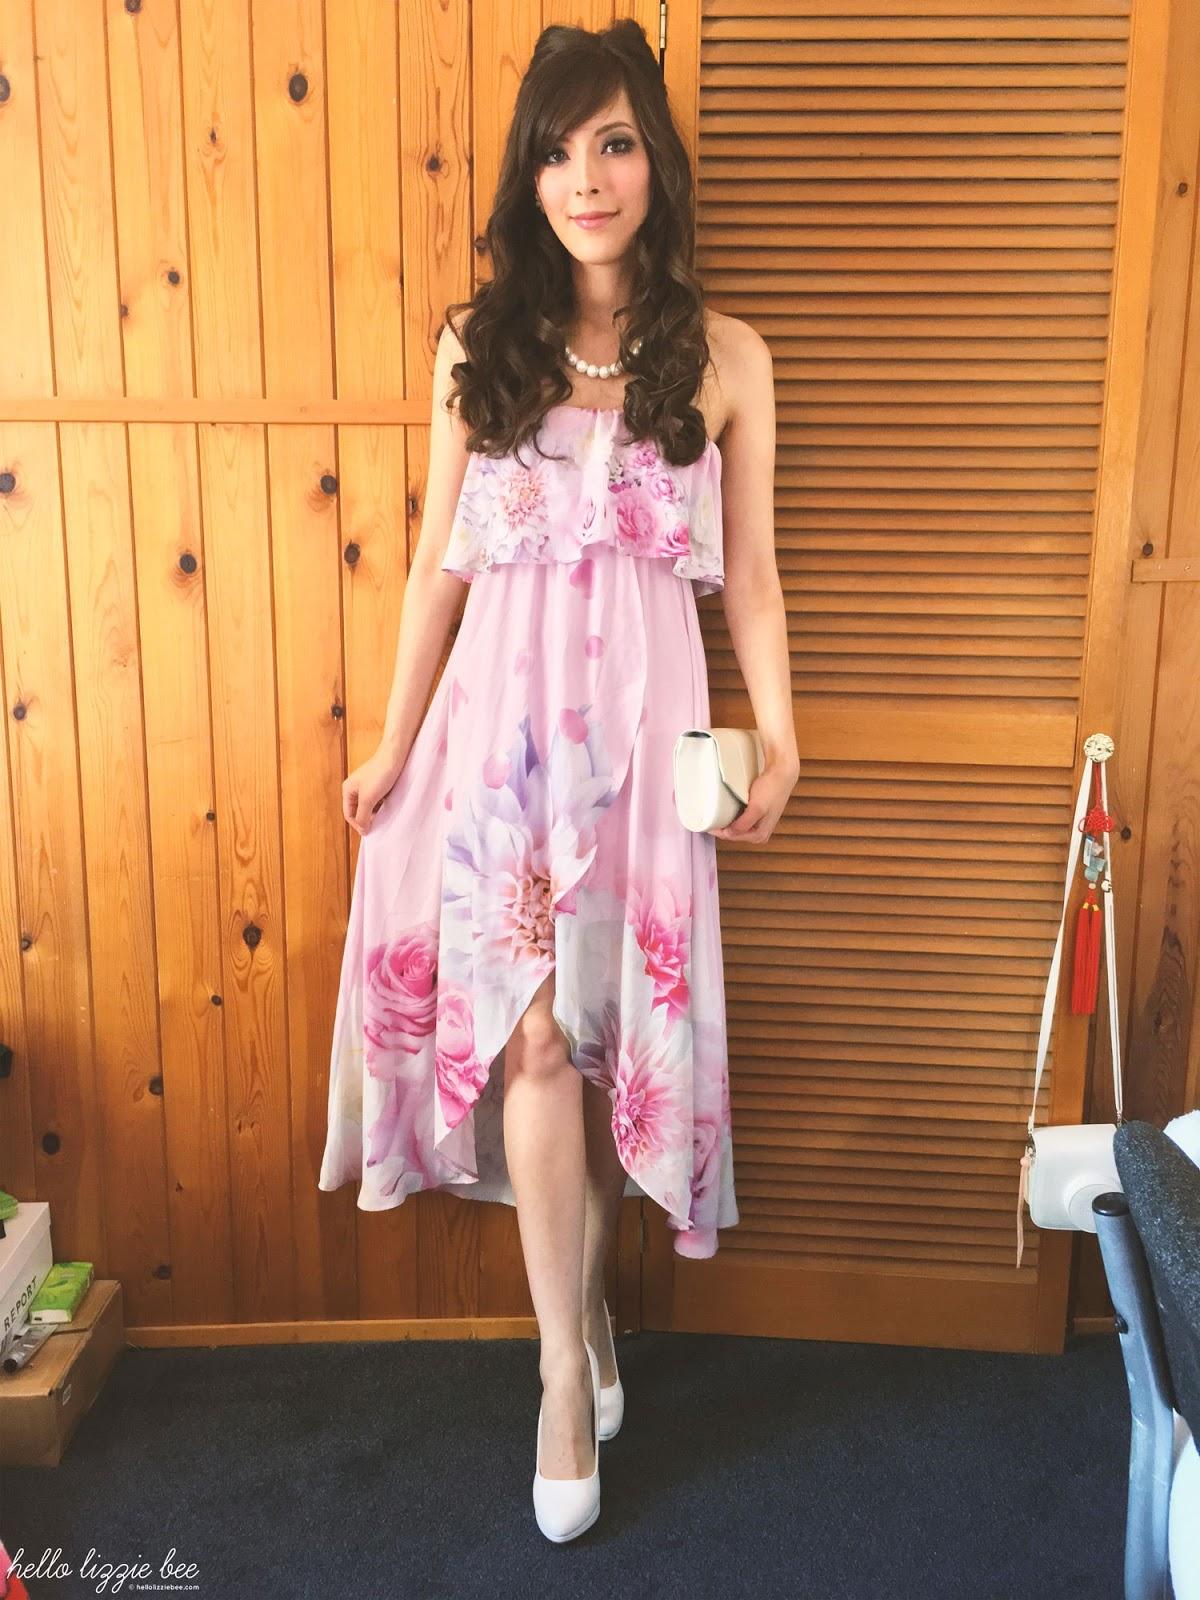 ane agejo birthday dress